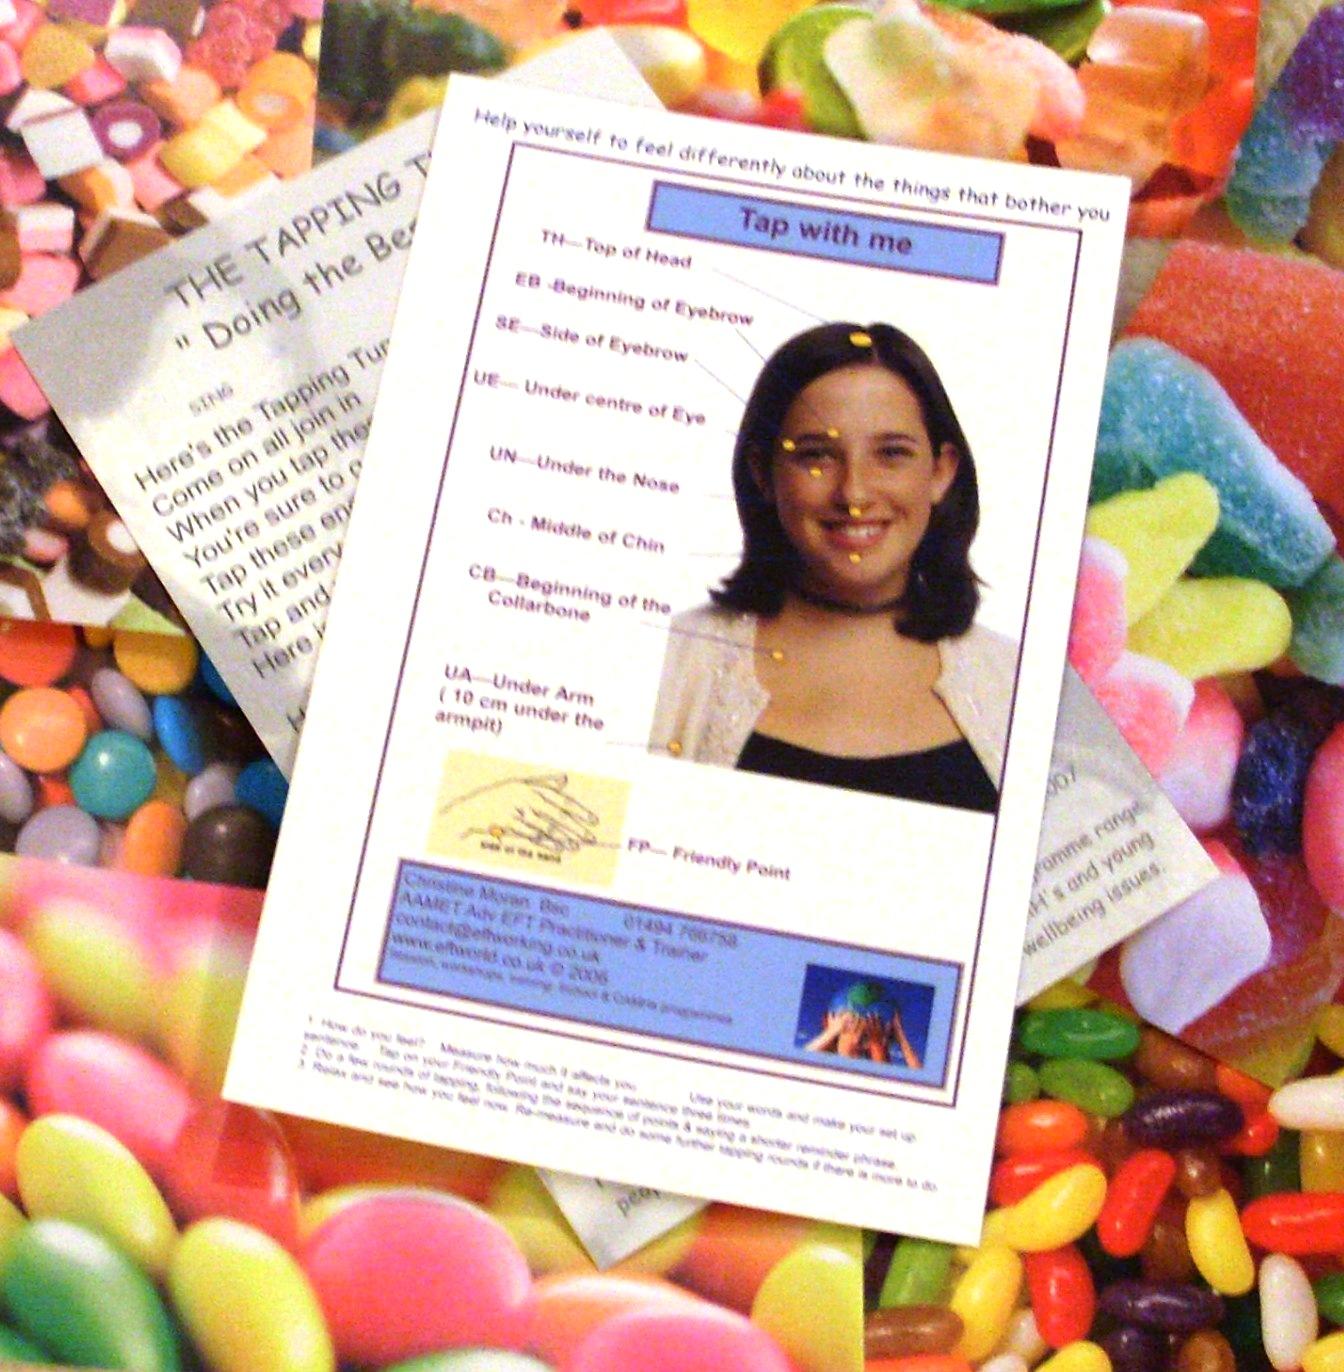 tap song leaflet